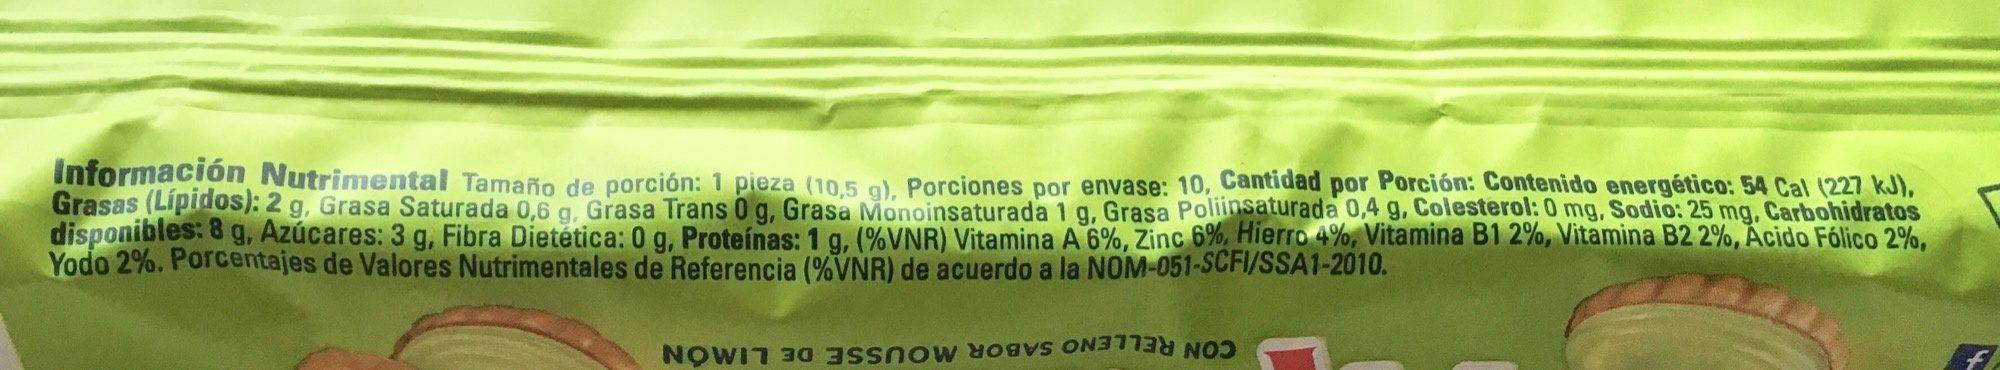 Galletas Príncipe Mousse de Limón Marinela - Voedingswaarden - es